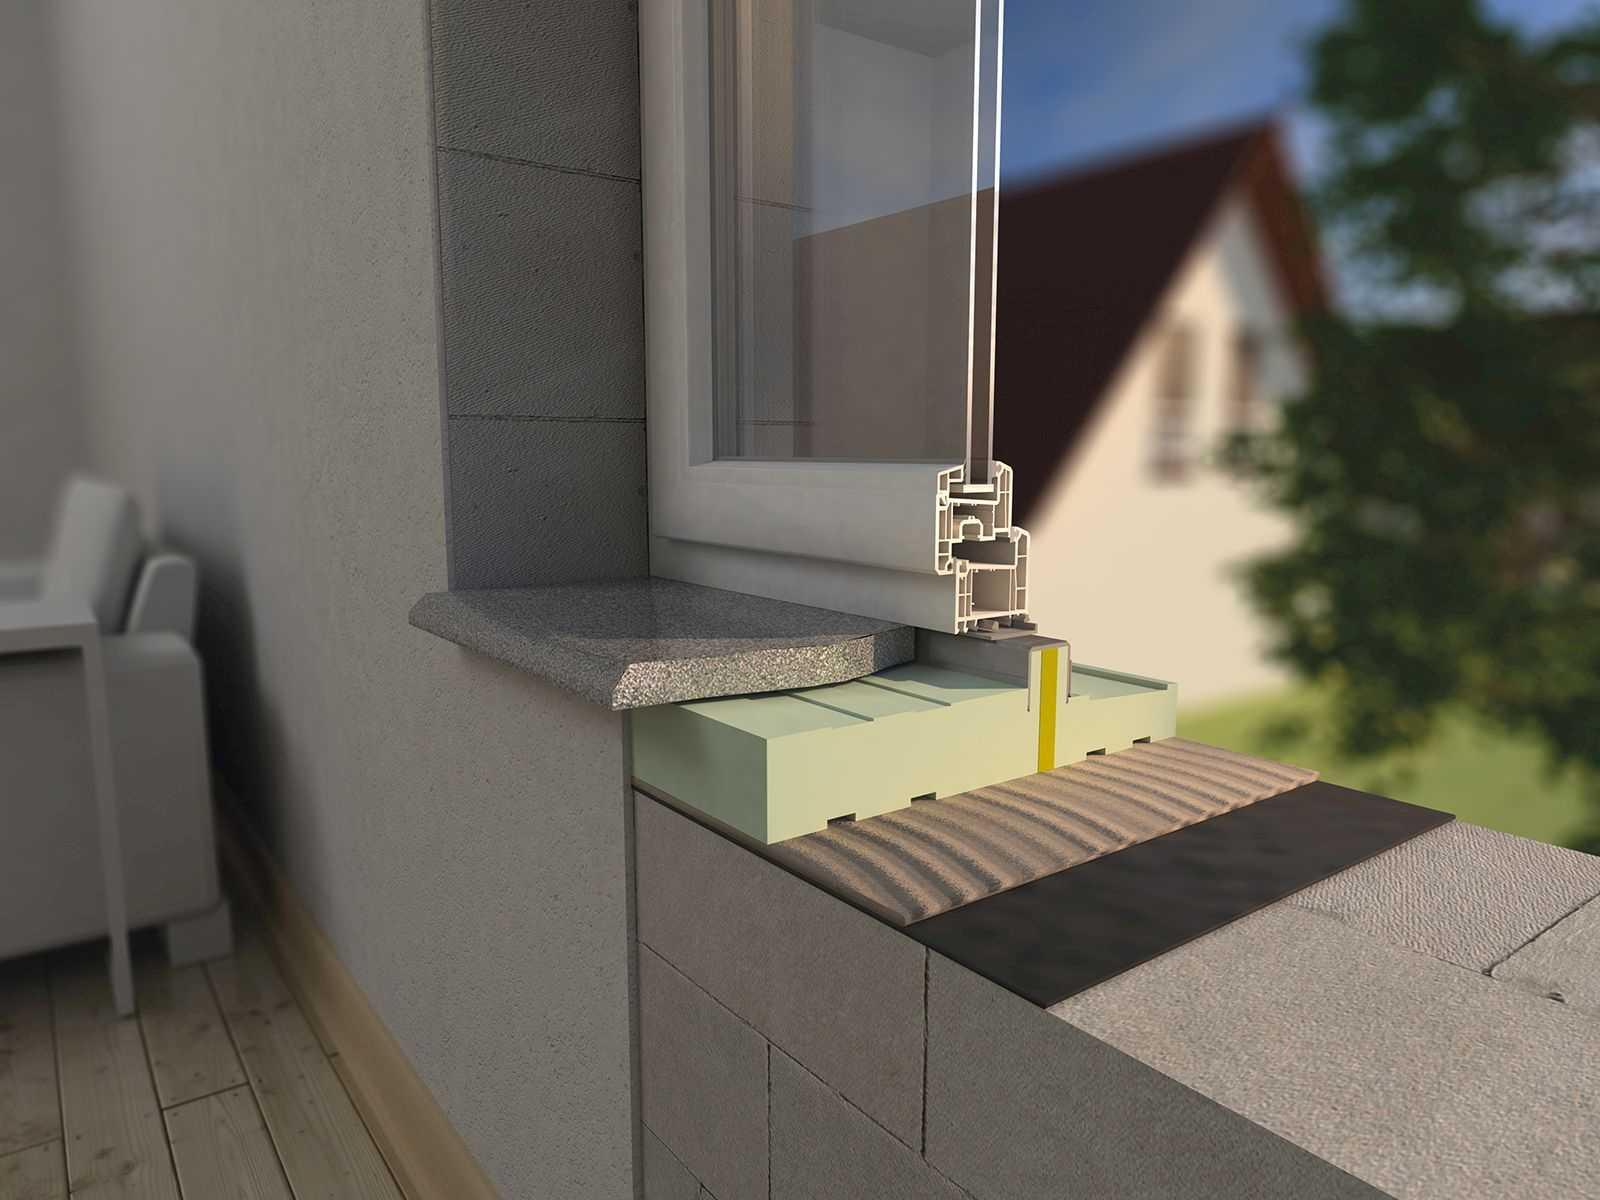 Container Haus Dammung Tiny House Die Grosse Idee Vom Kleinen Haus